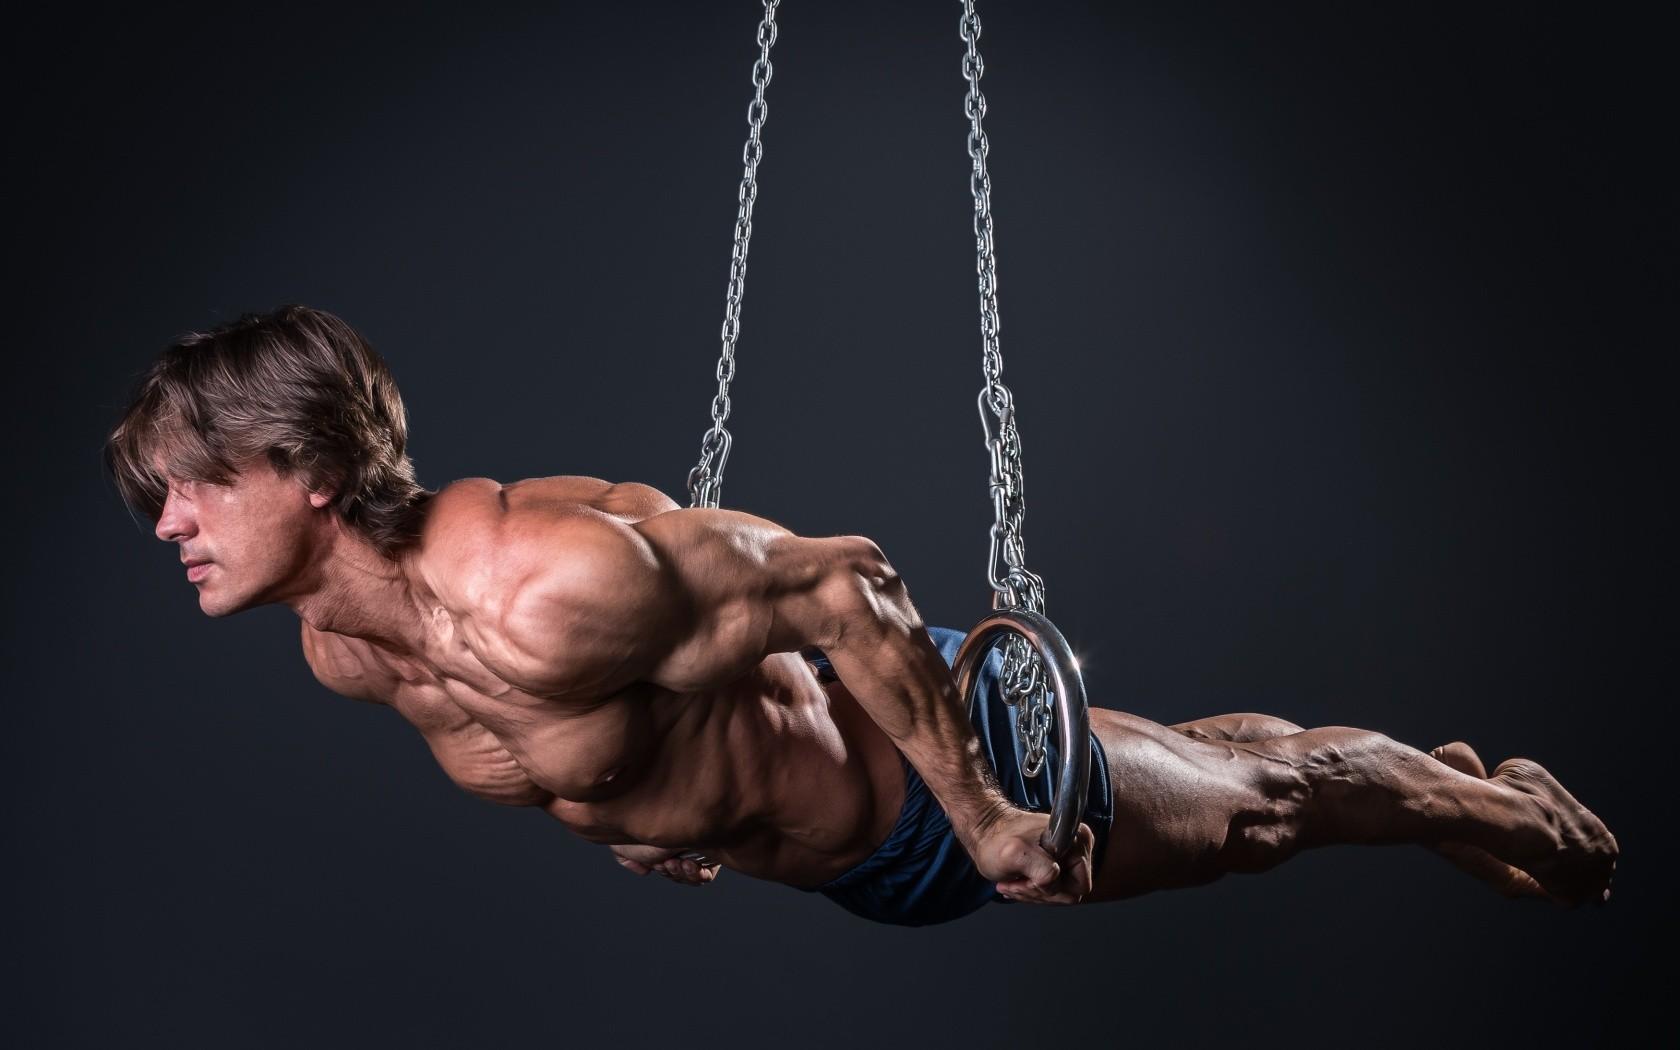 Fondos de pantalla : hombres, deporte, músculos, culturismo, músculo ...